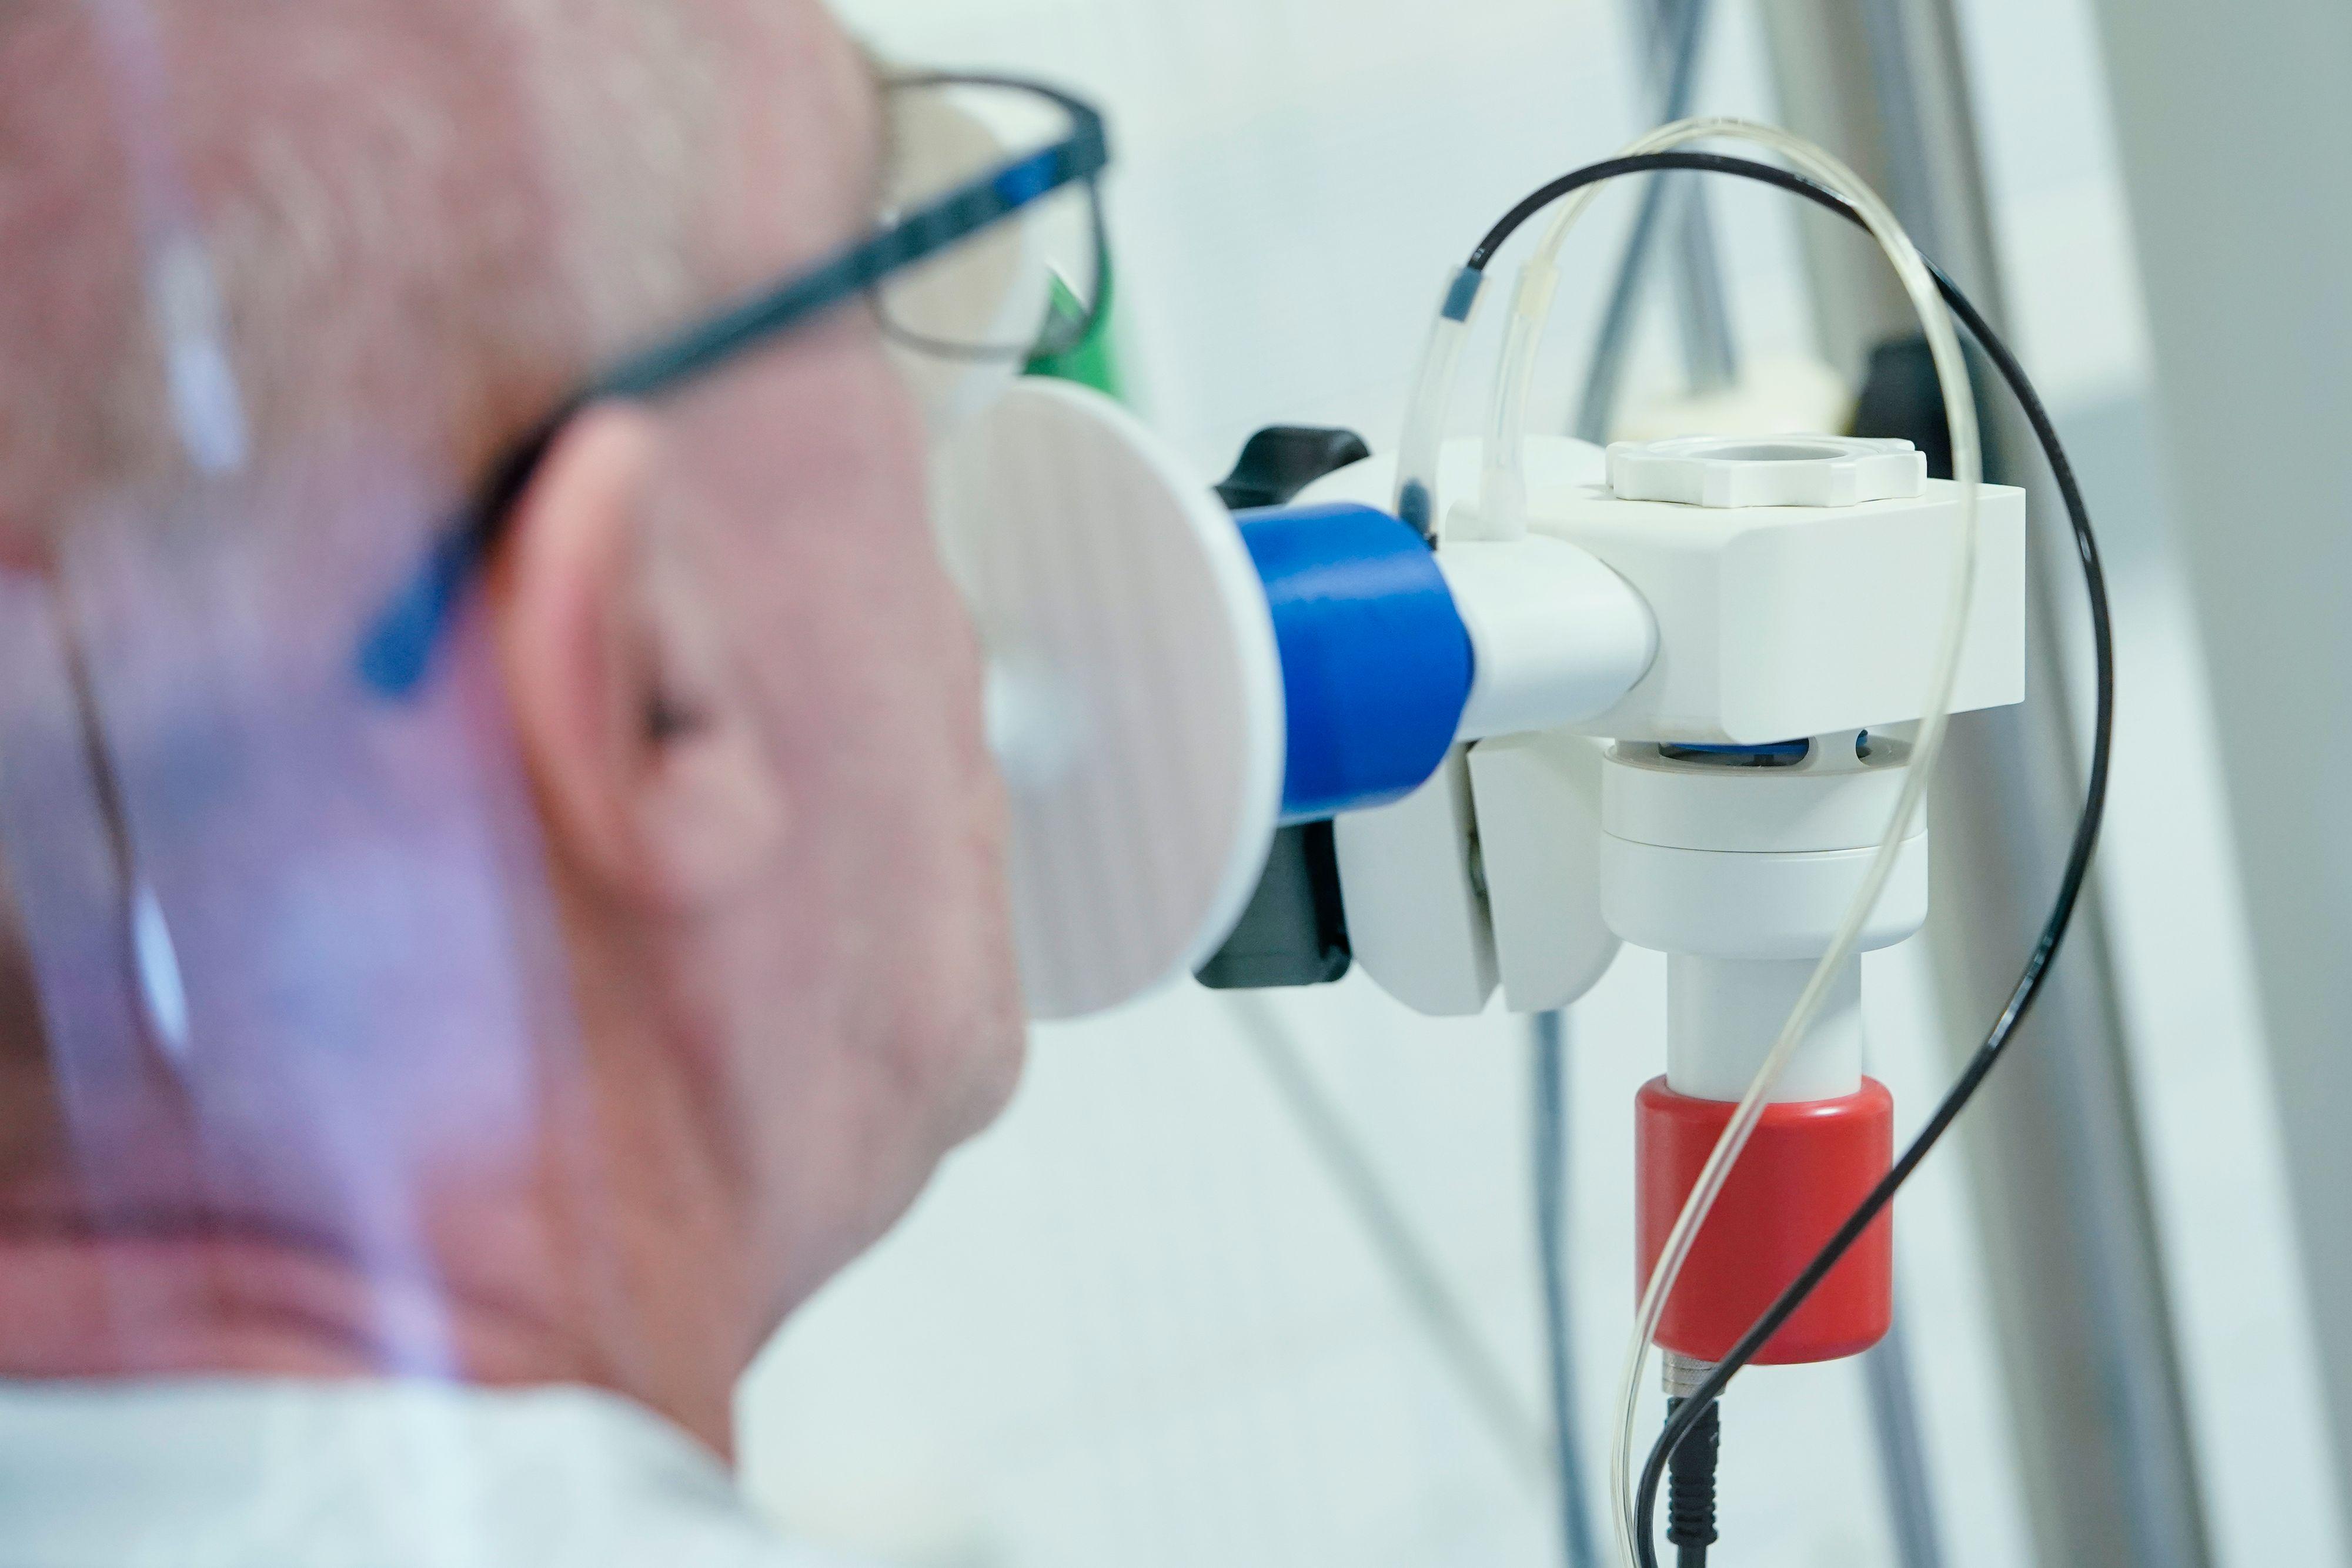 Ein Covid-19-Patient in der Reha: Die Ärzteschaft warnt davor, dass die Langzeitfolgen einer Erkrankung noch unbekannt seien. Symbolfoto: dpa